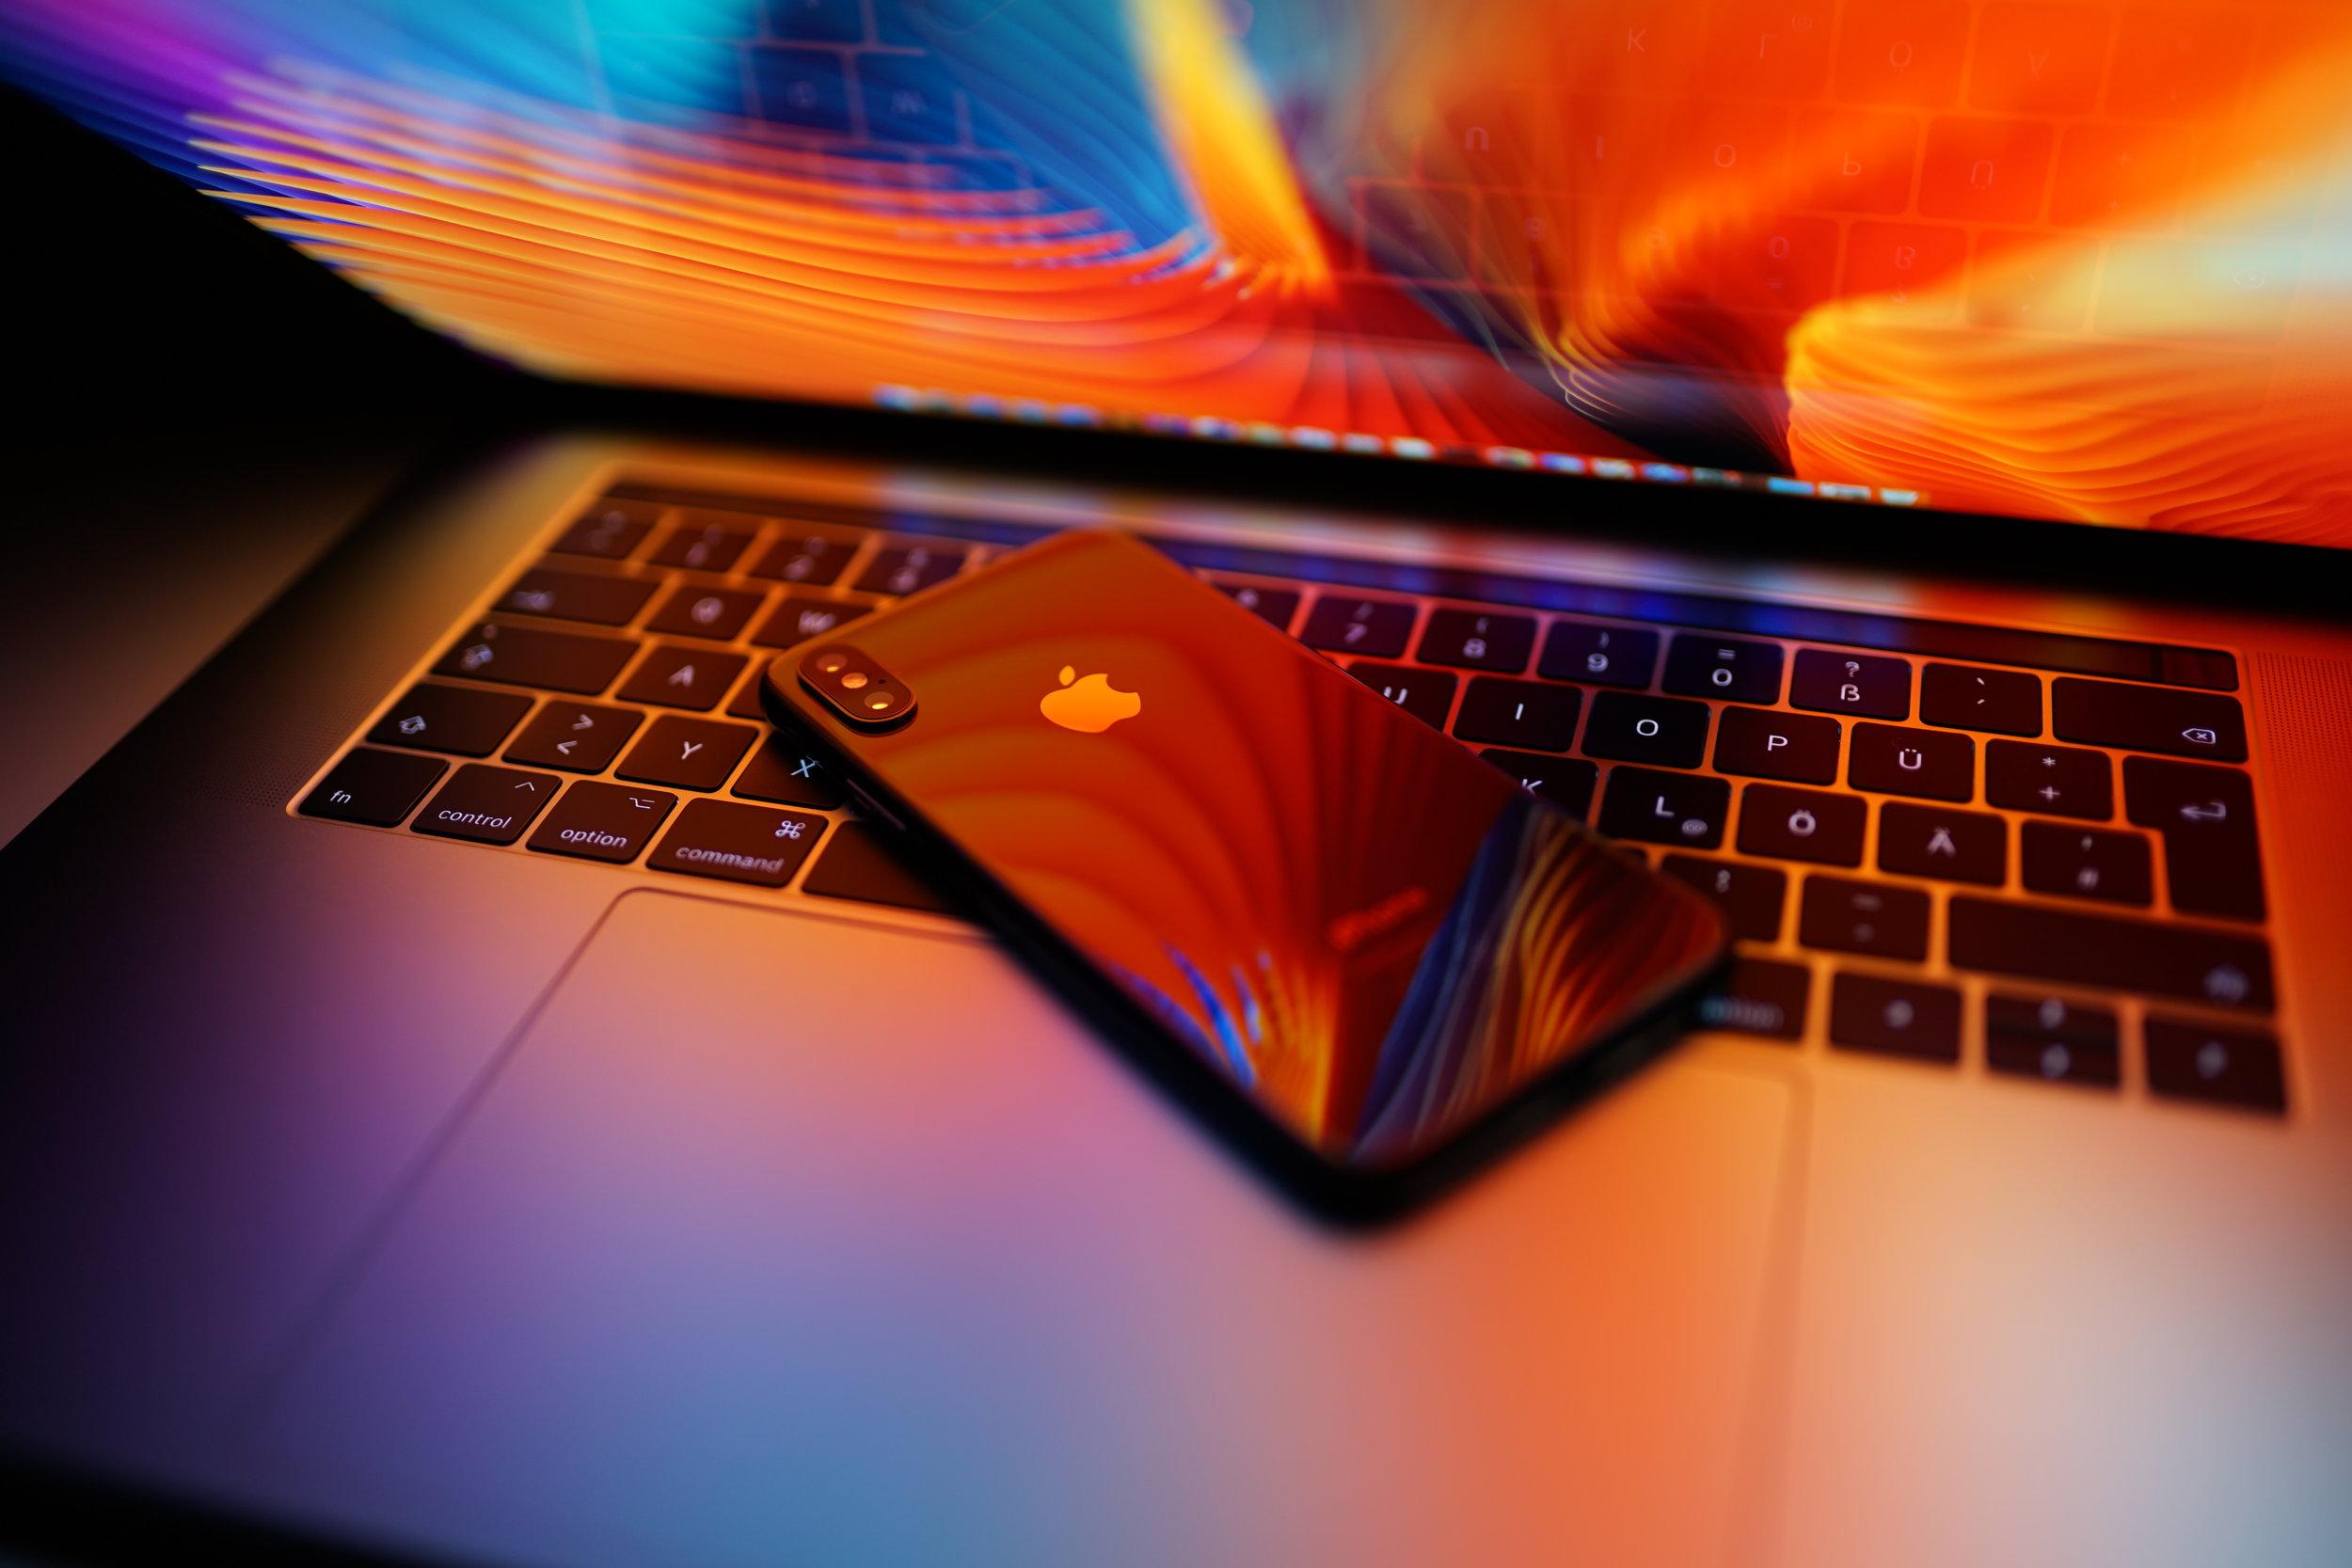 iPhone XS Mac.jpg